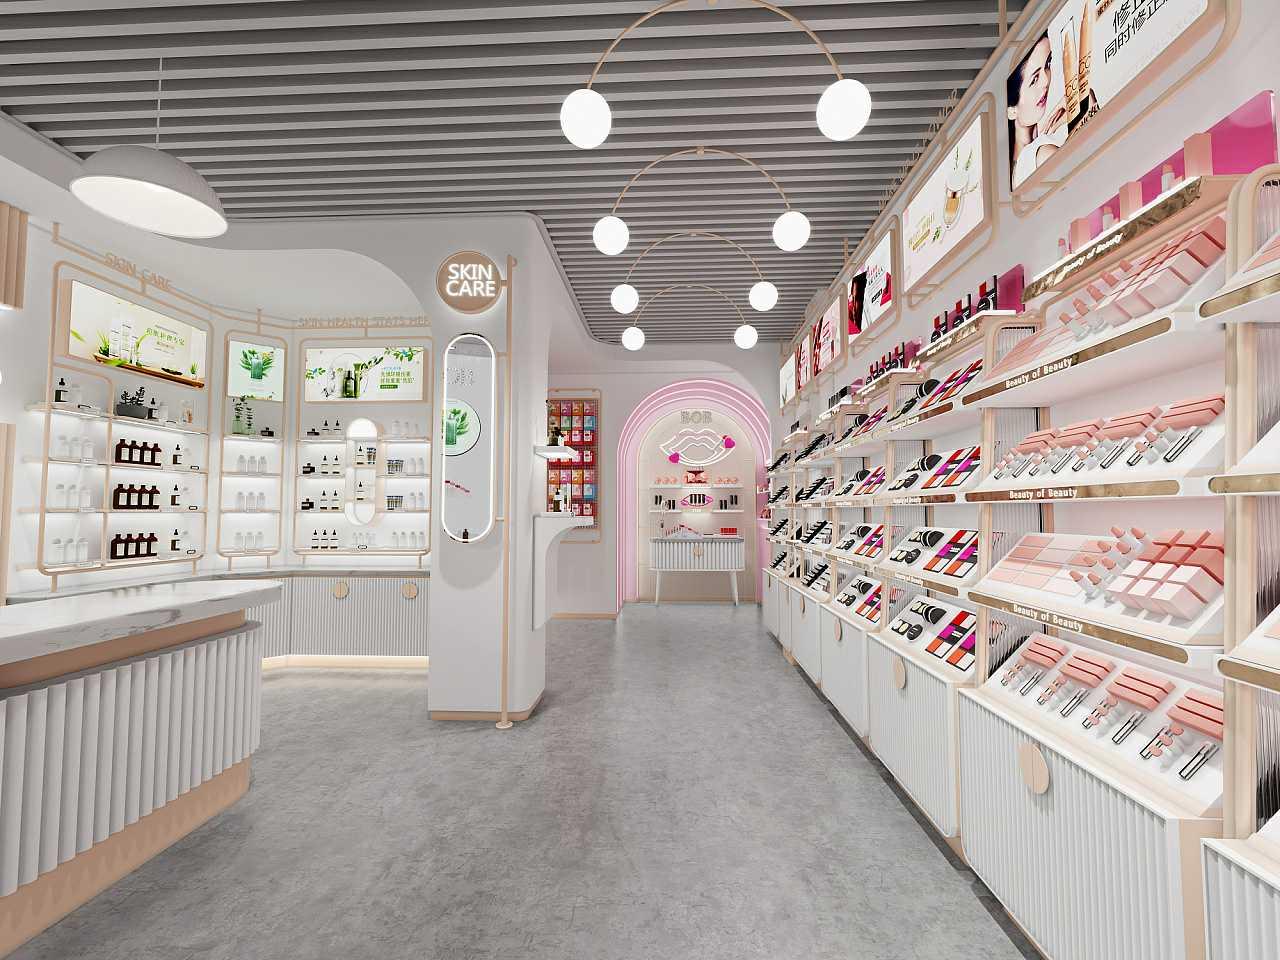 化妆品展柜在进行布局时的细节有哪些需要注意的?以下6点总结给大家!